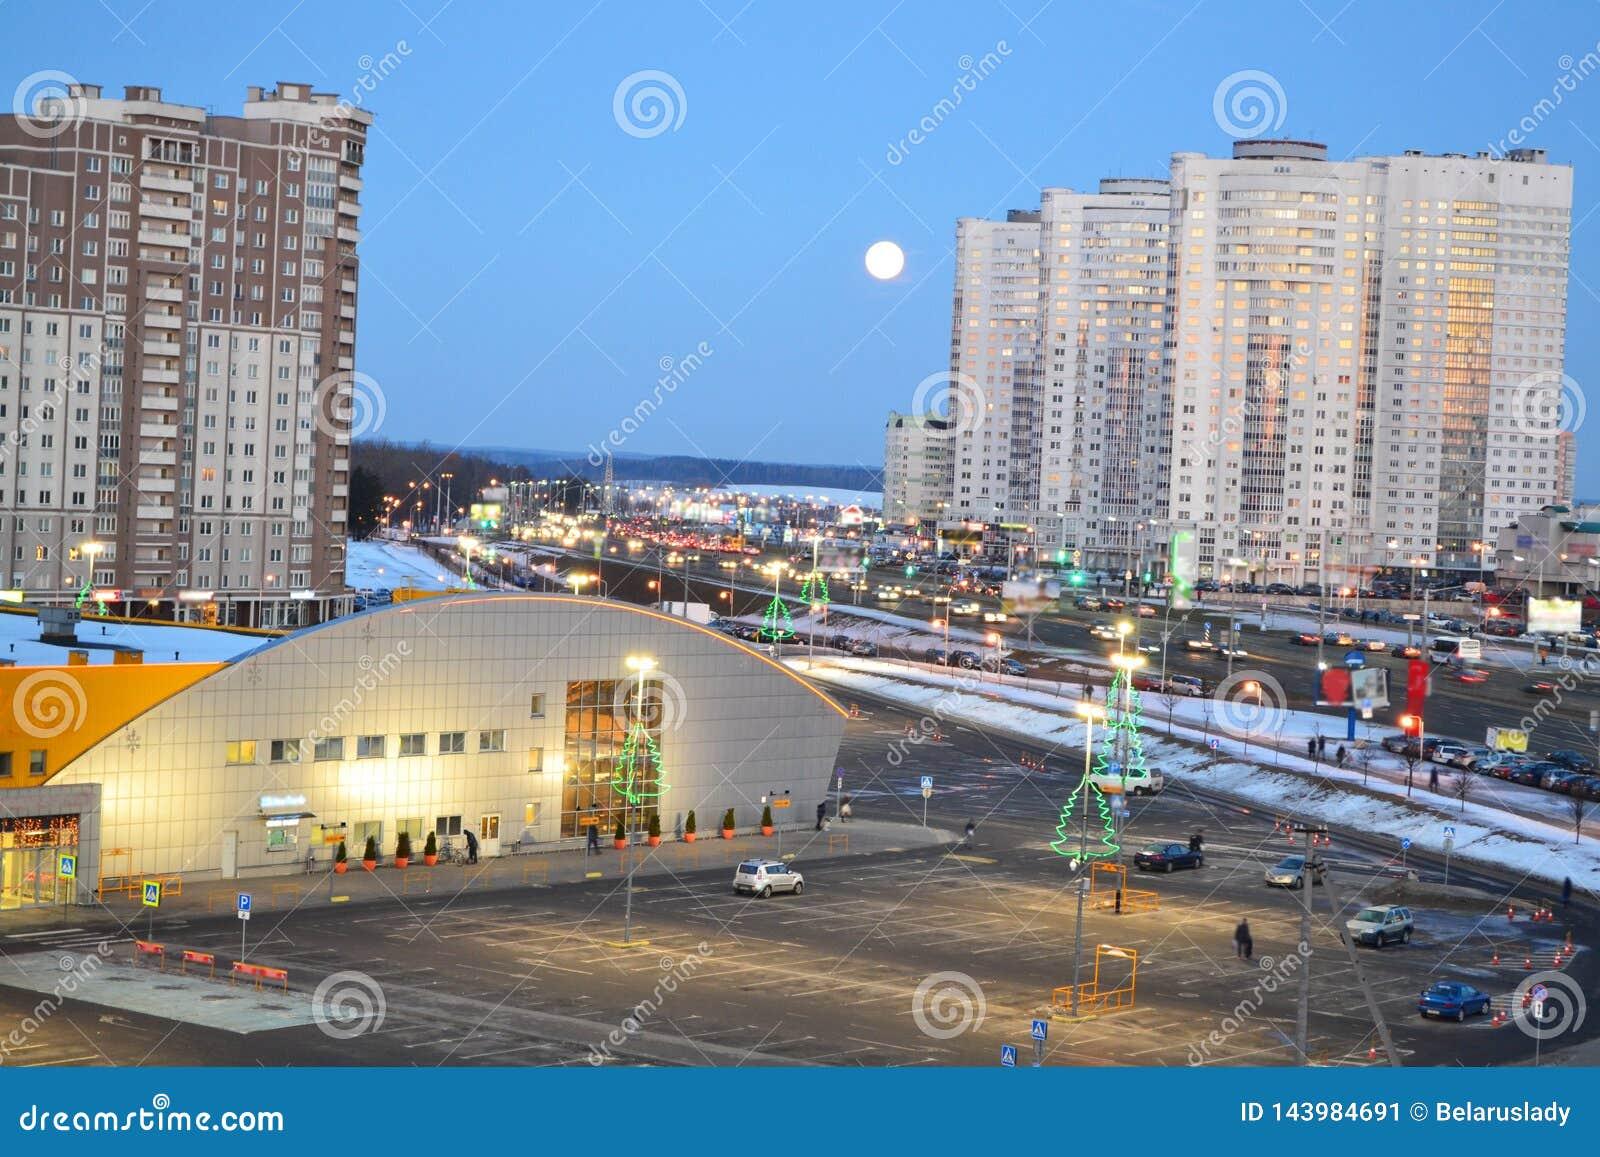 Arquitetura da cidade bonita com a baixa urbana de Minsk, Bielorrússia Estrada urbana da paisagem Céu nocturno